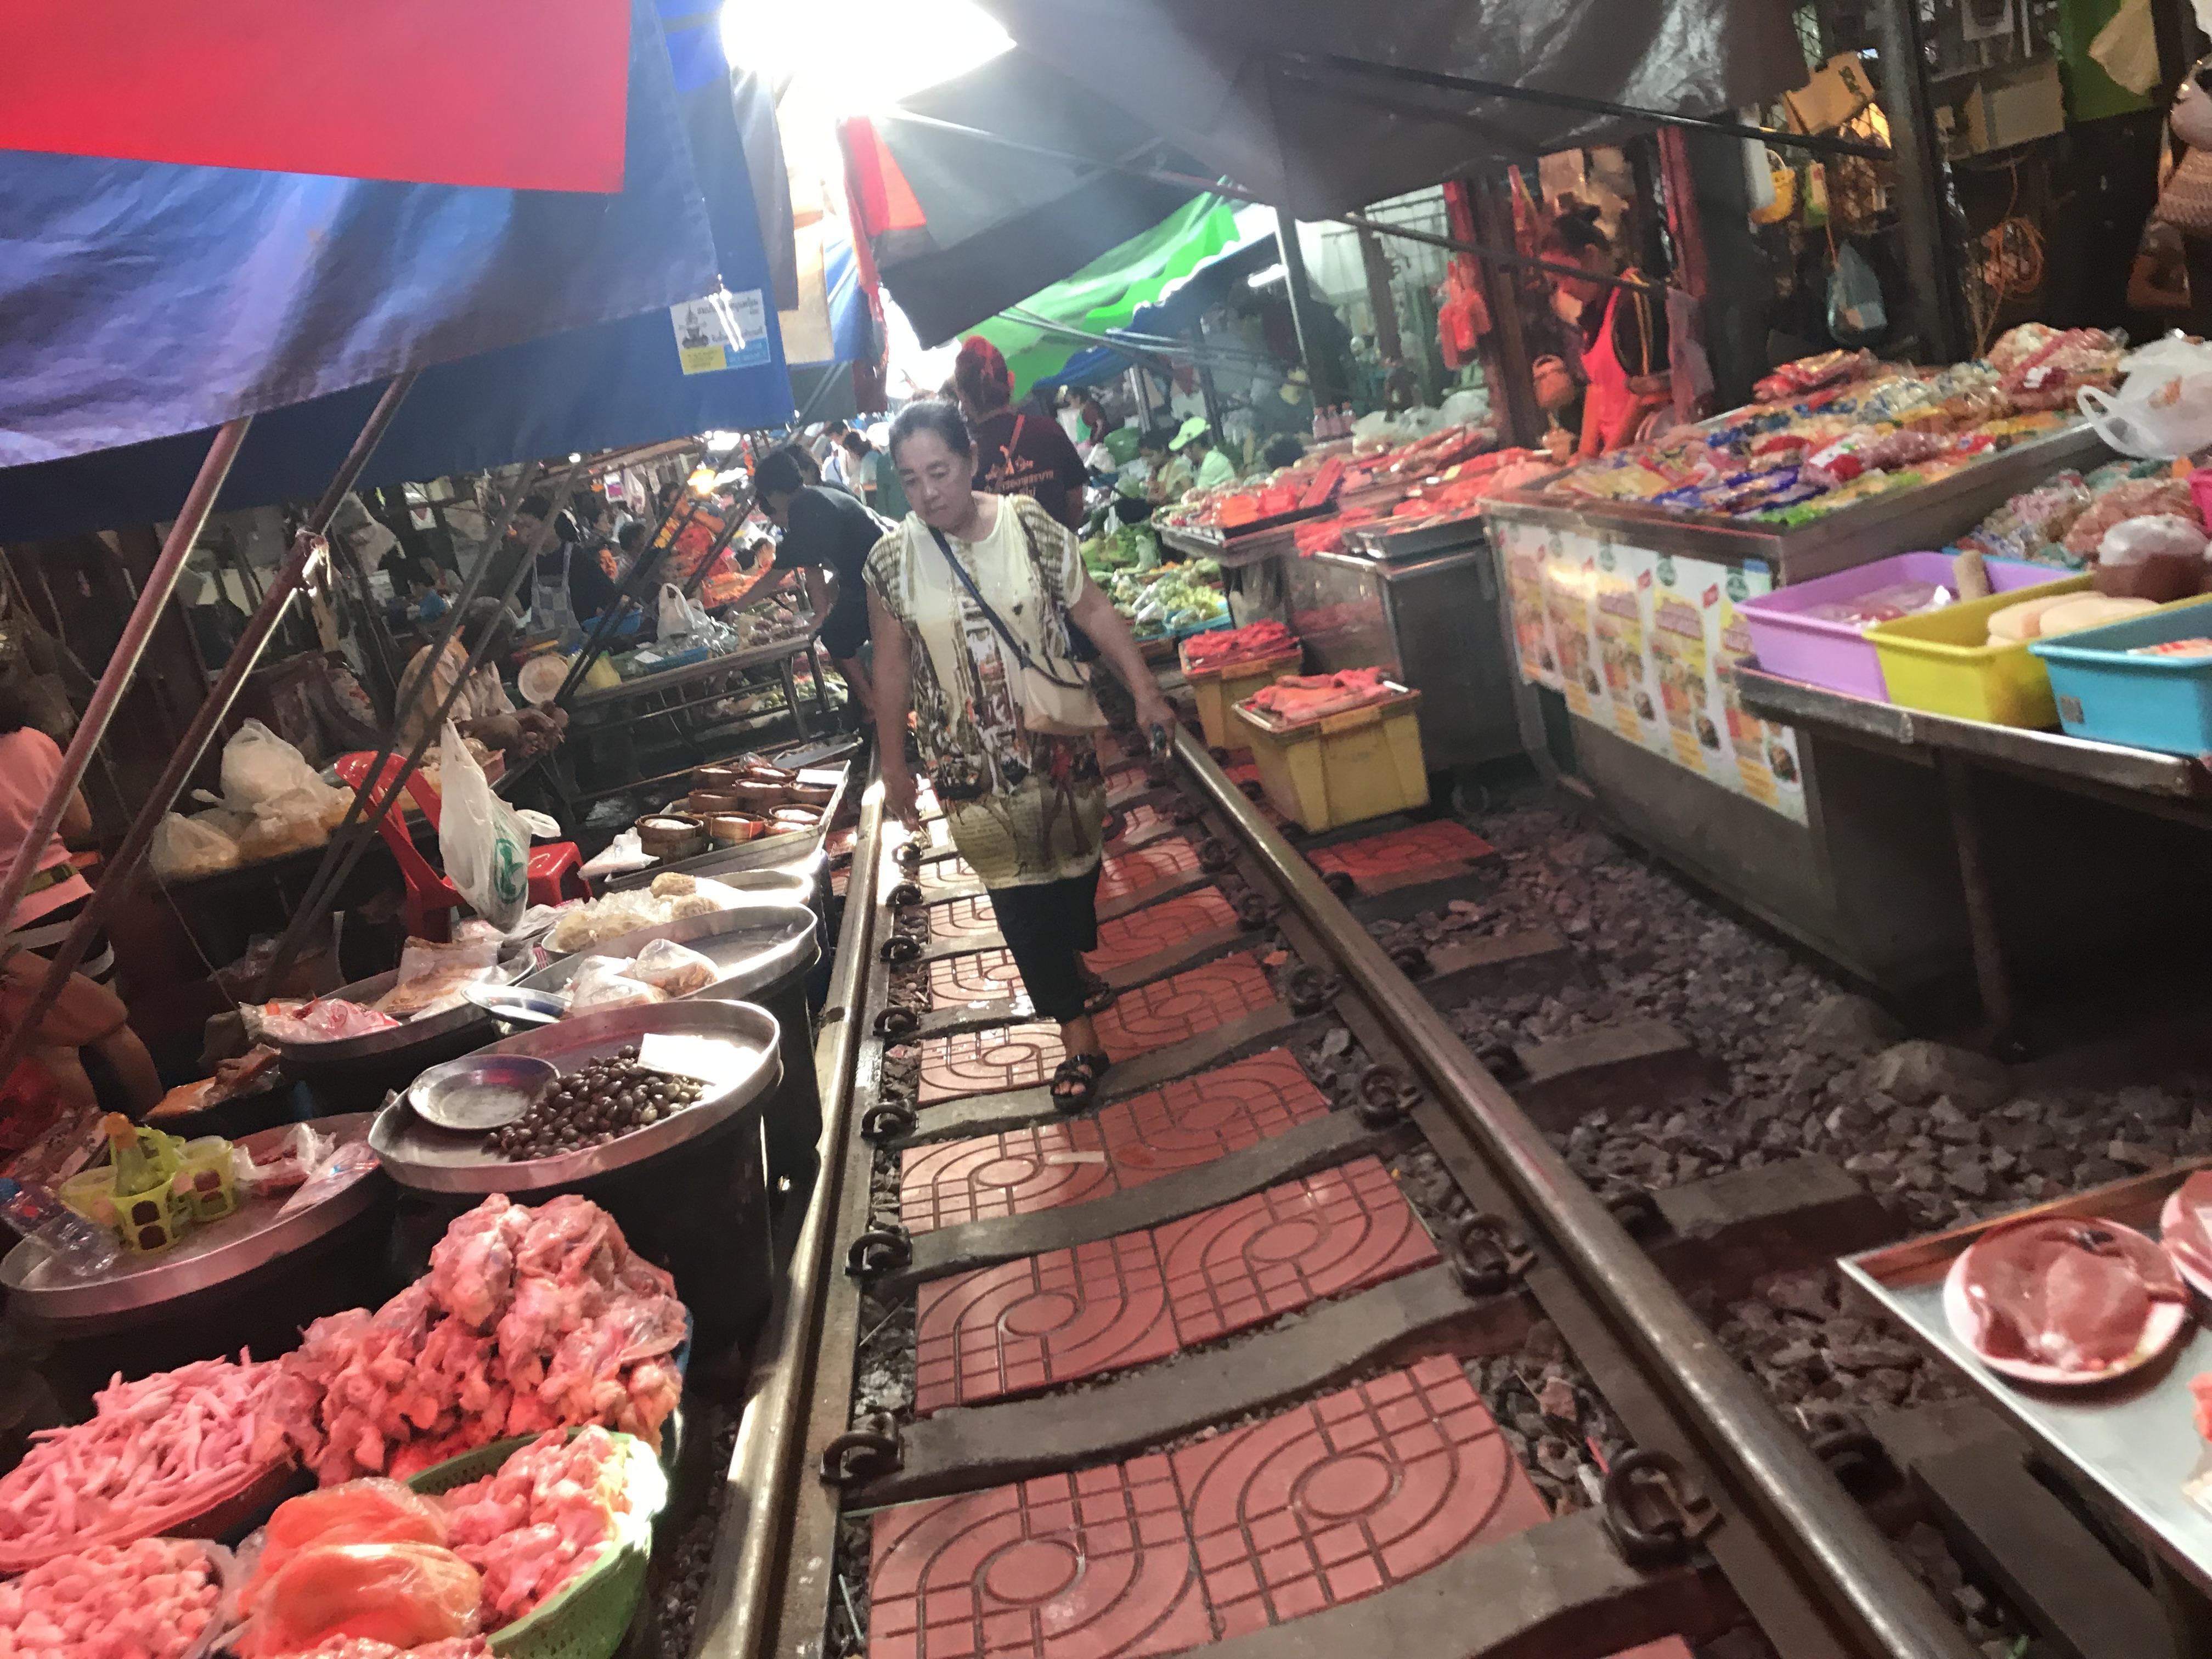 Maekong Railway Market